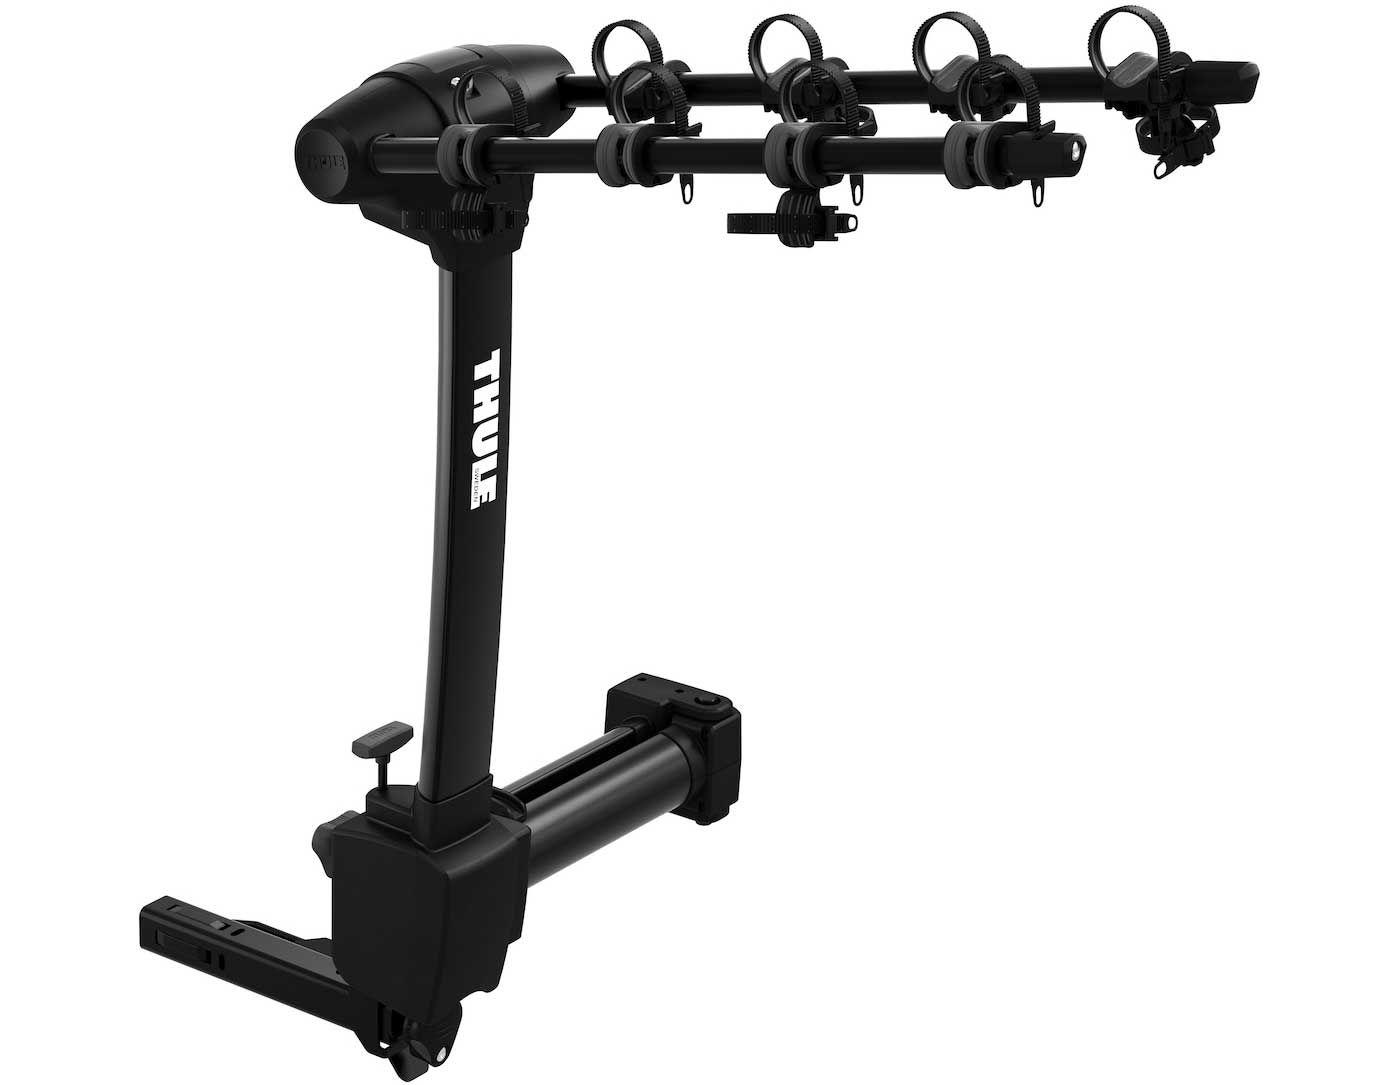 Thule Apex XT Swing Hitch Mount 4-Bike Rack